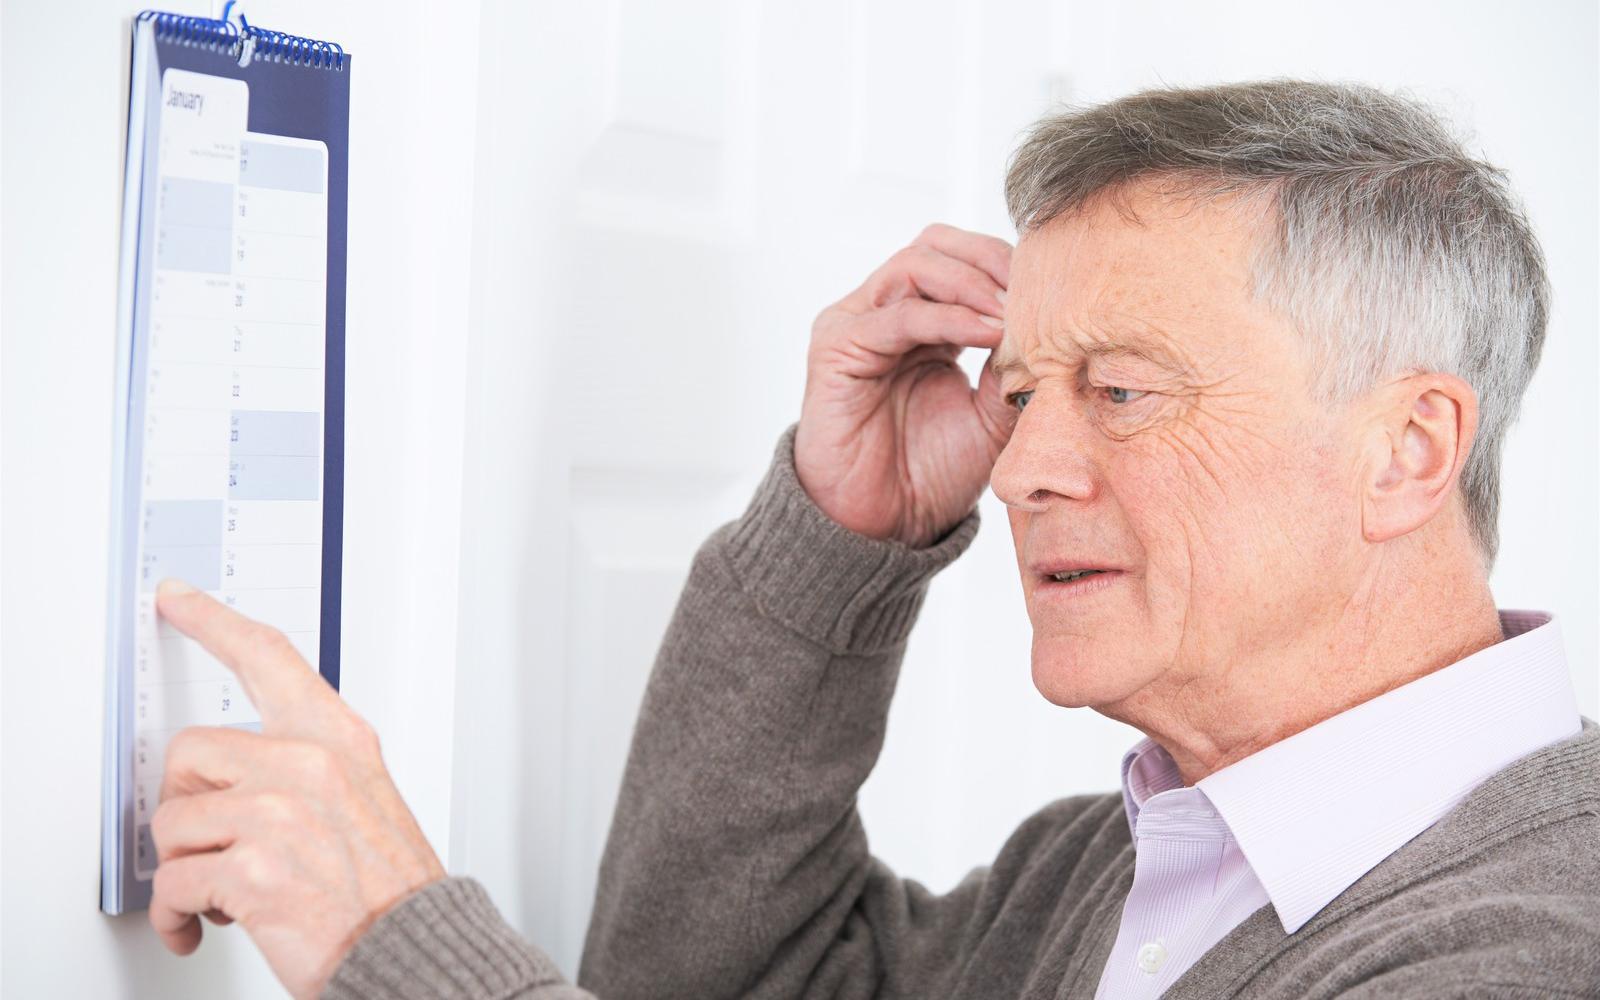 Középkorúaknál a magas vérnyomás növeli a demencia kialakulásának kockázatát | PHARMINDEX Online